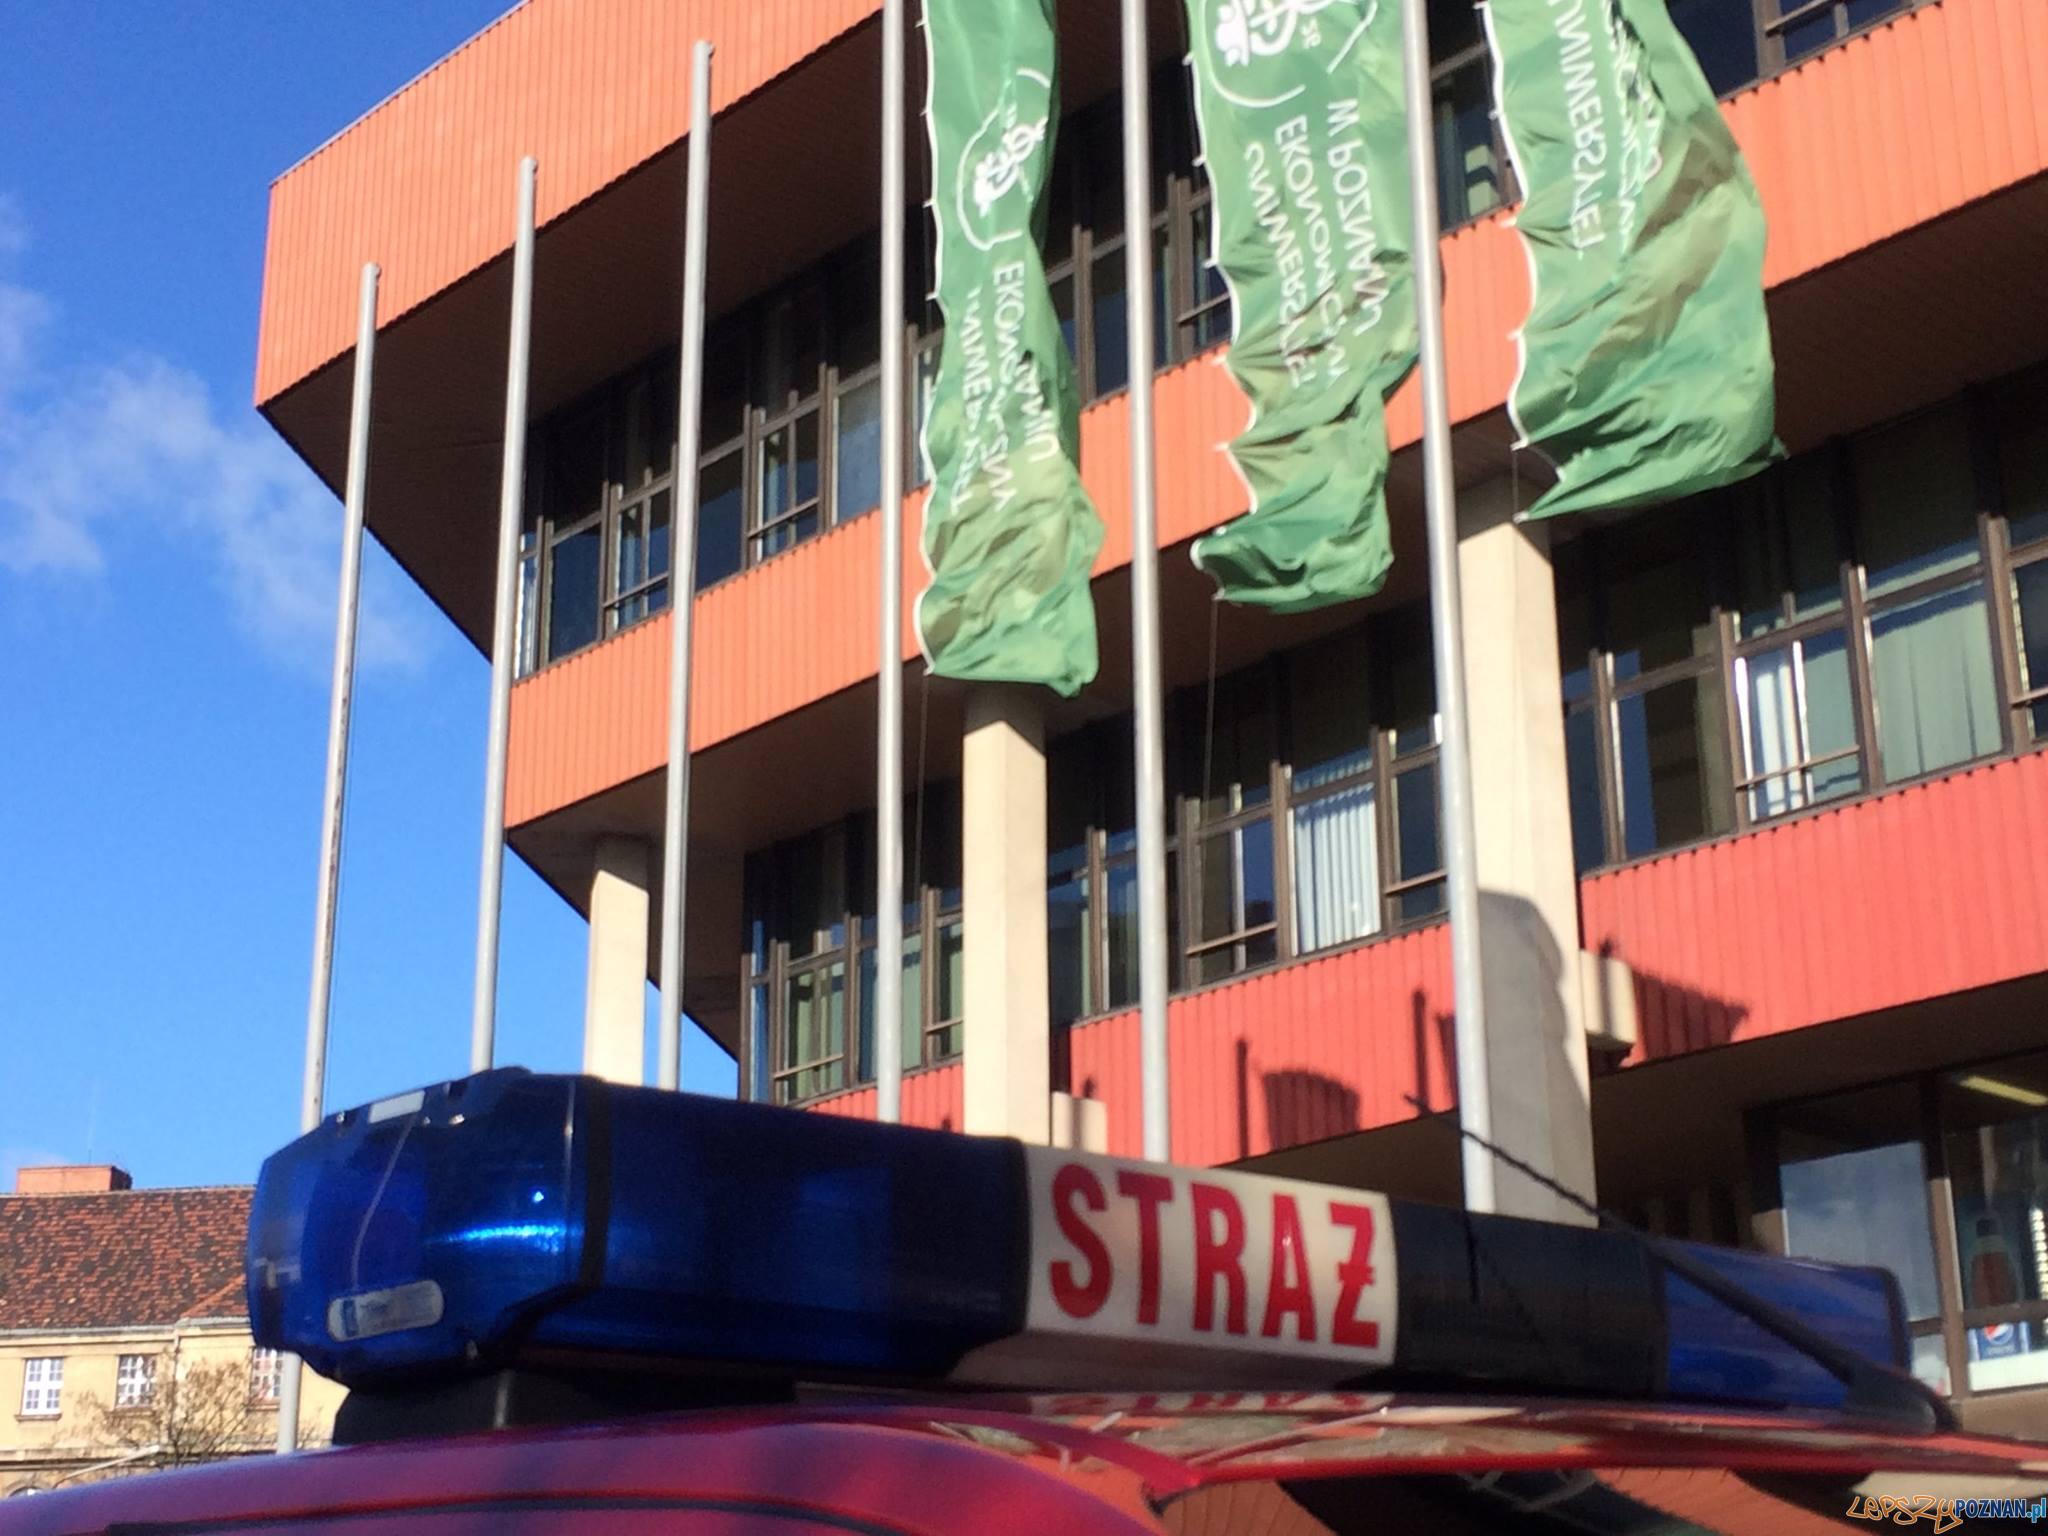 Straż Pożarna - ćwiczenia w Collegium Altum Uniwersytetu Ekonomicznego (5)  Foto: UEP / facebook